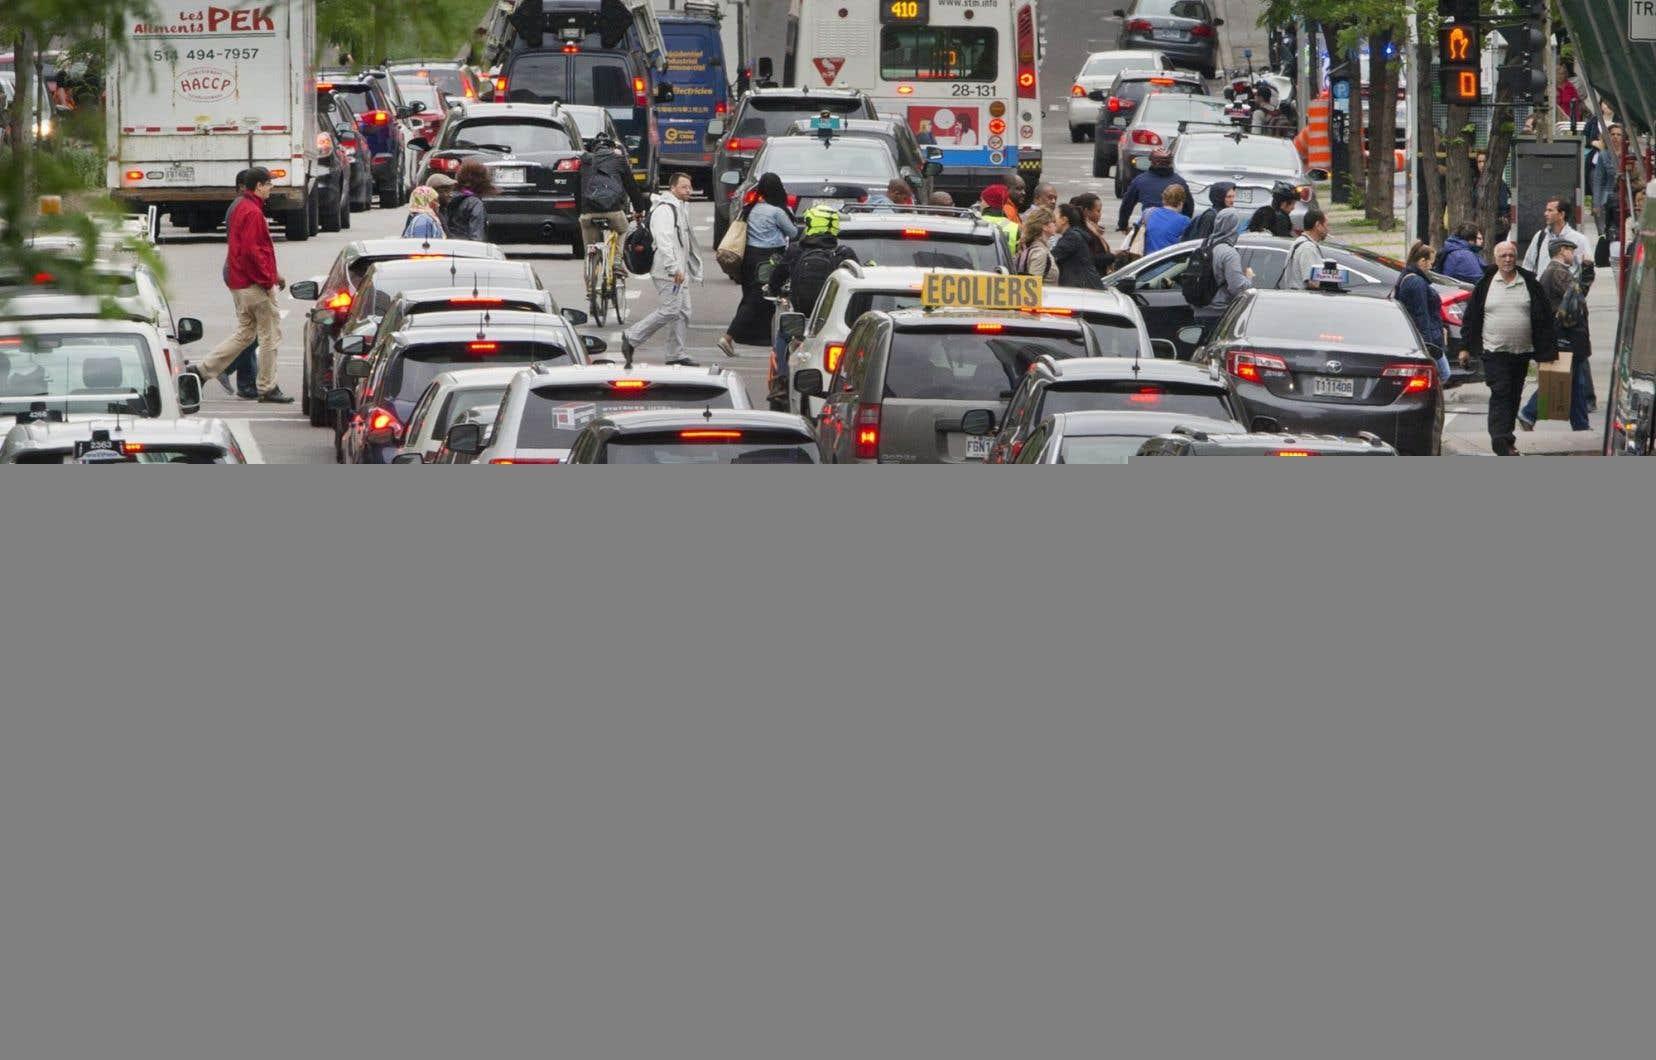 «Le parc automobile du Québec accuse depuis plusieurs décennies une croissance deux fois plus rapide que celle de la population», écrit l'auteur.